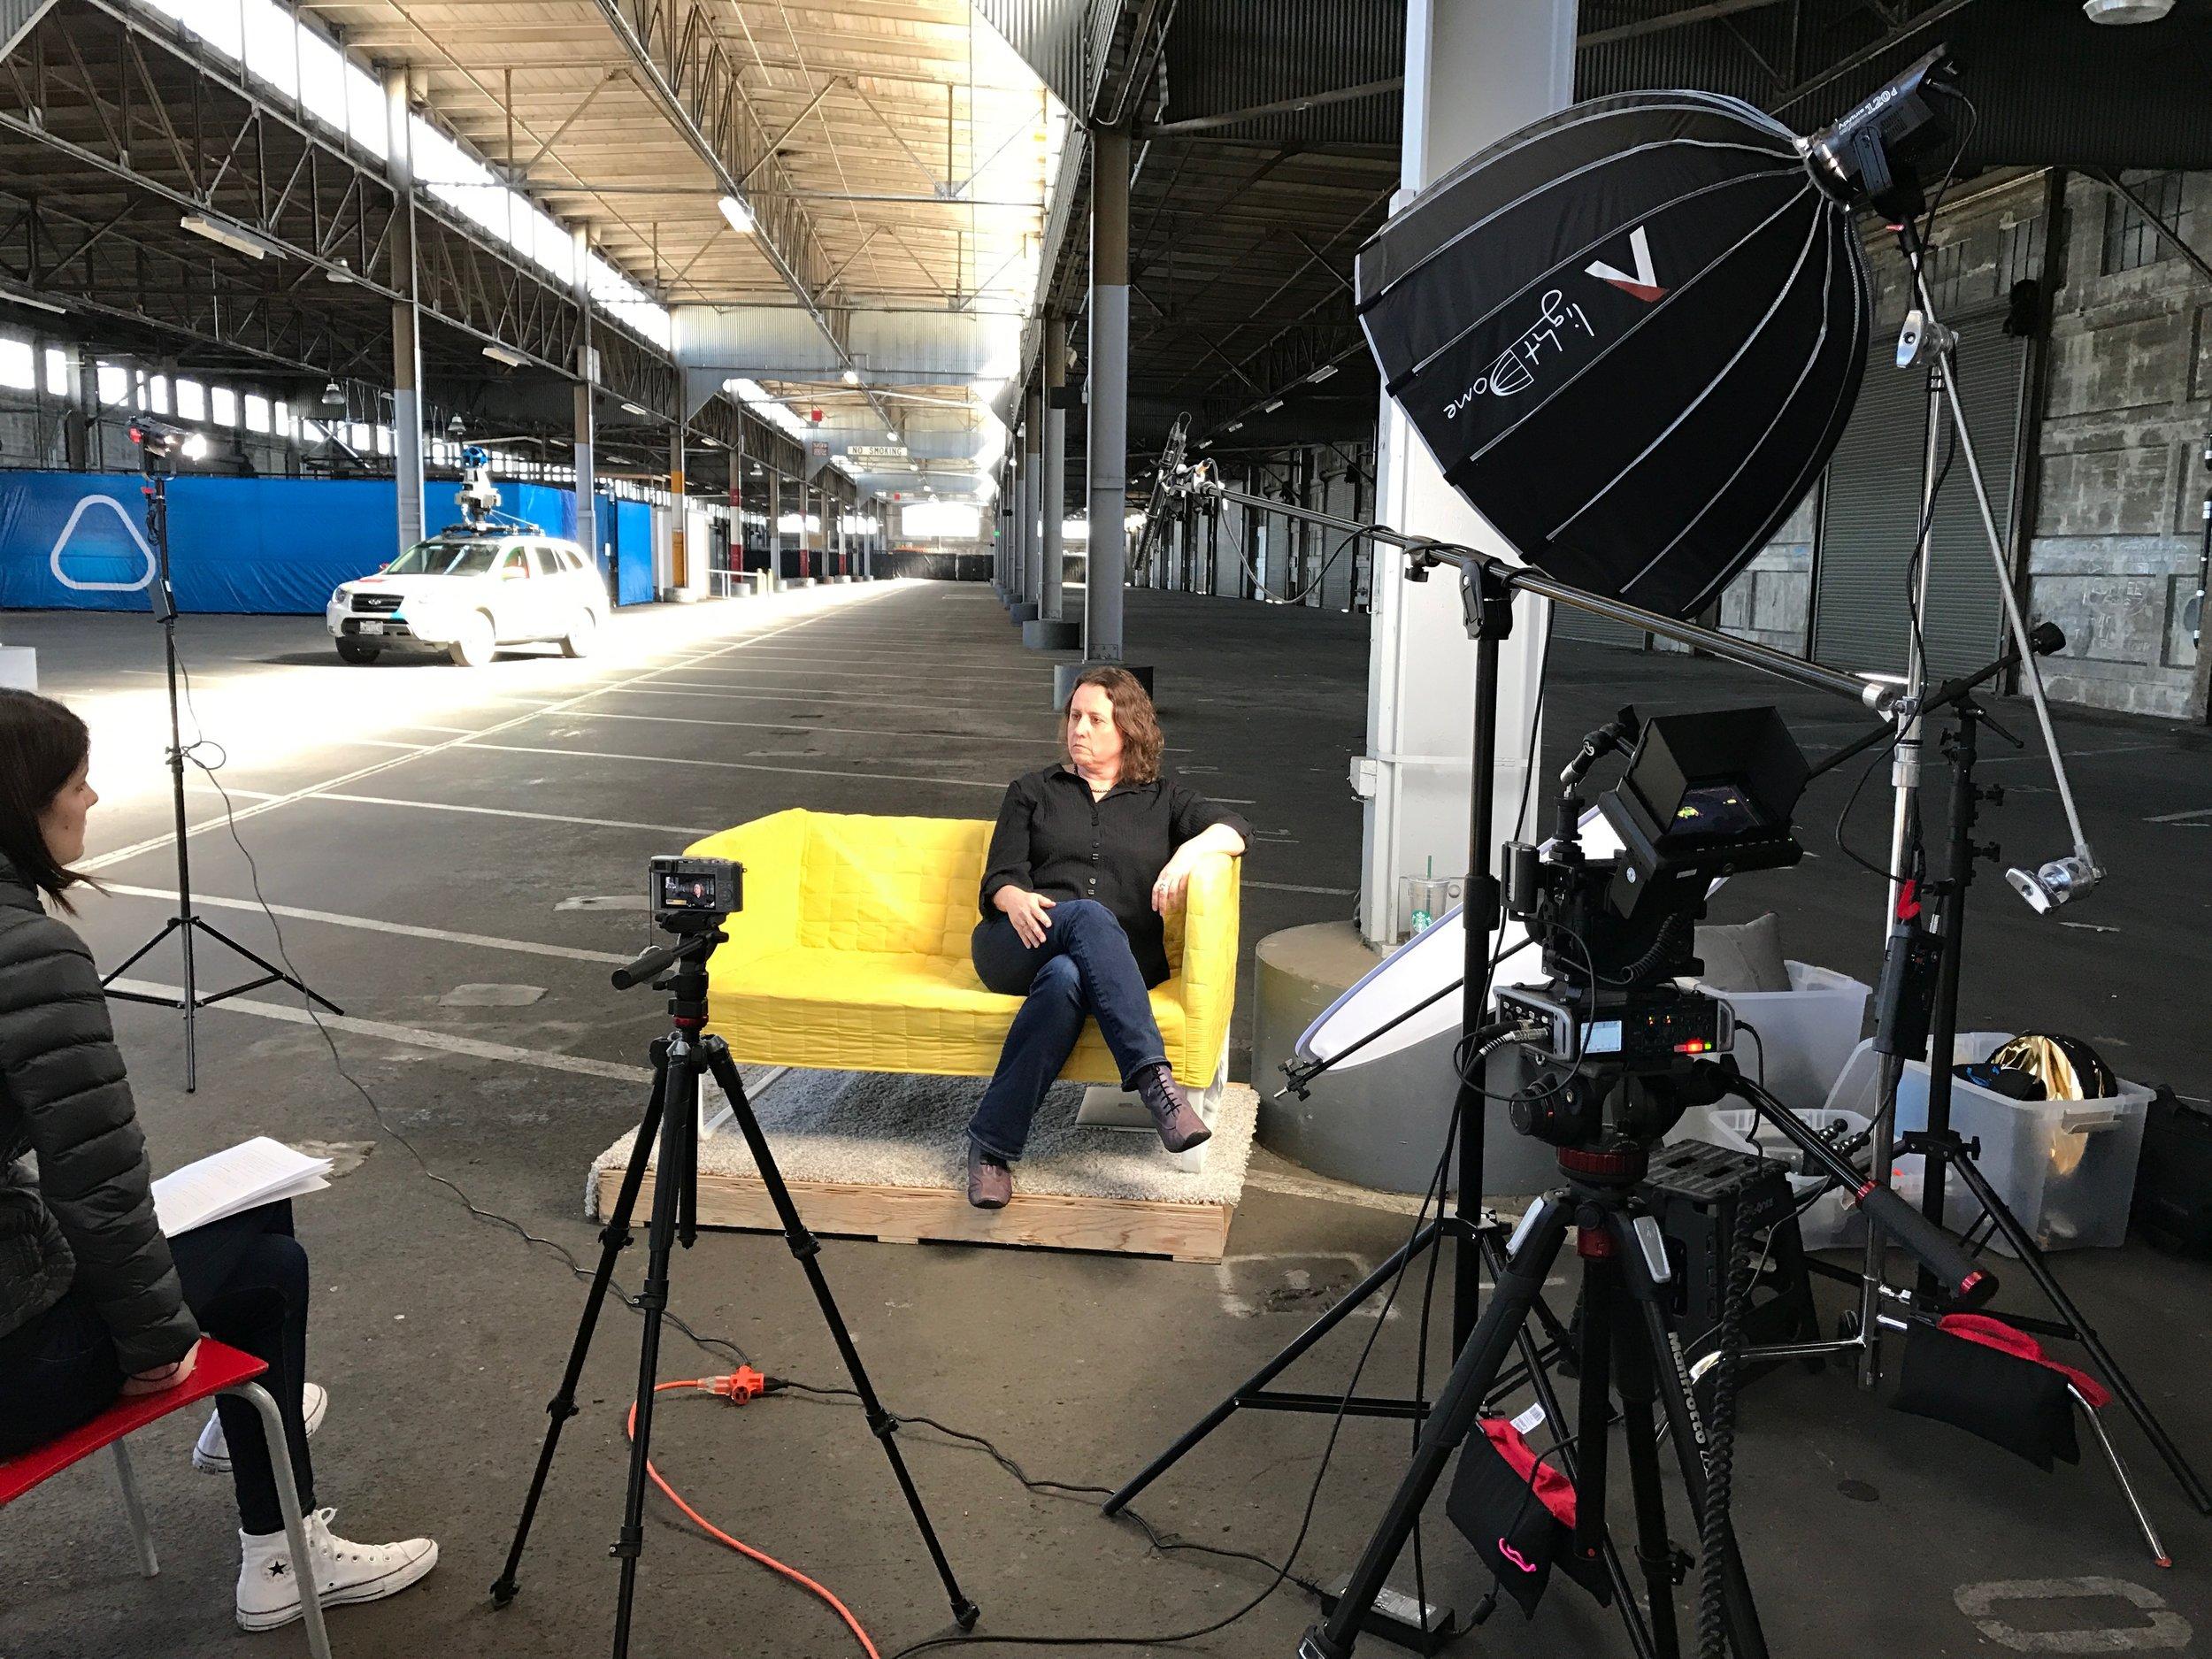 Melissa_Lunden_Interview.JPG